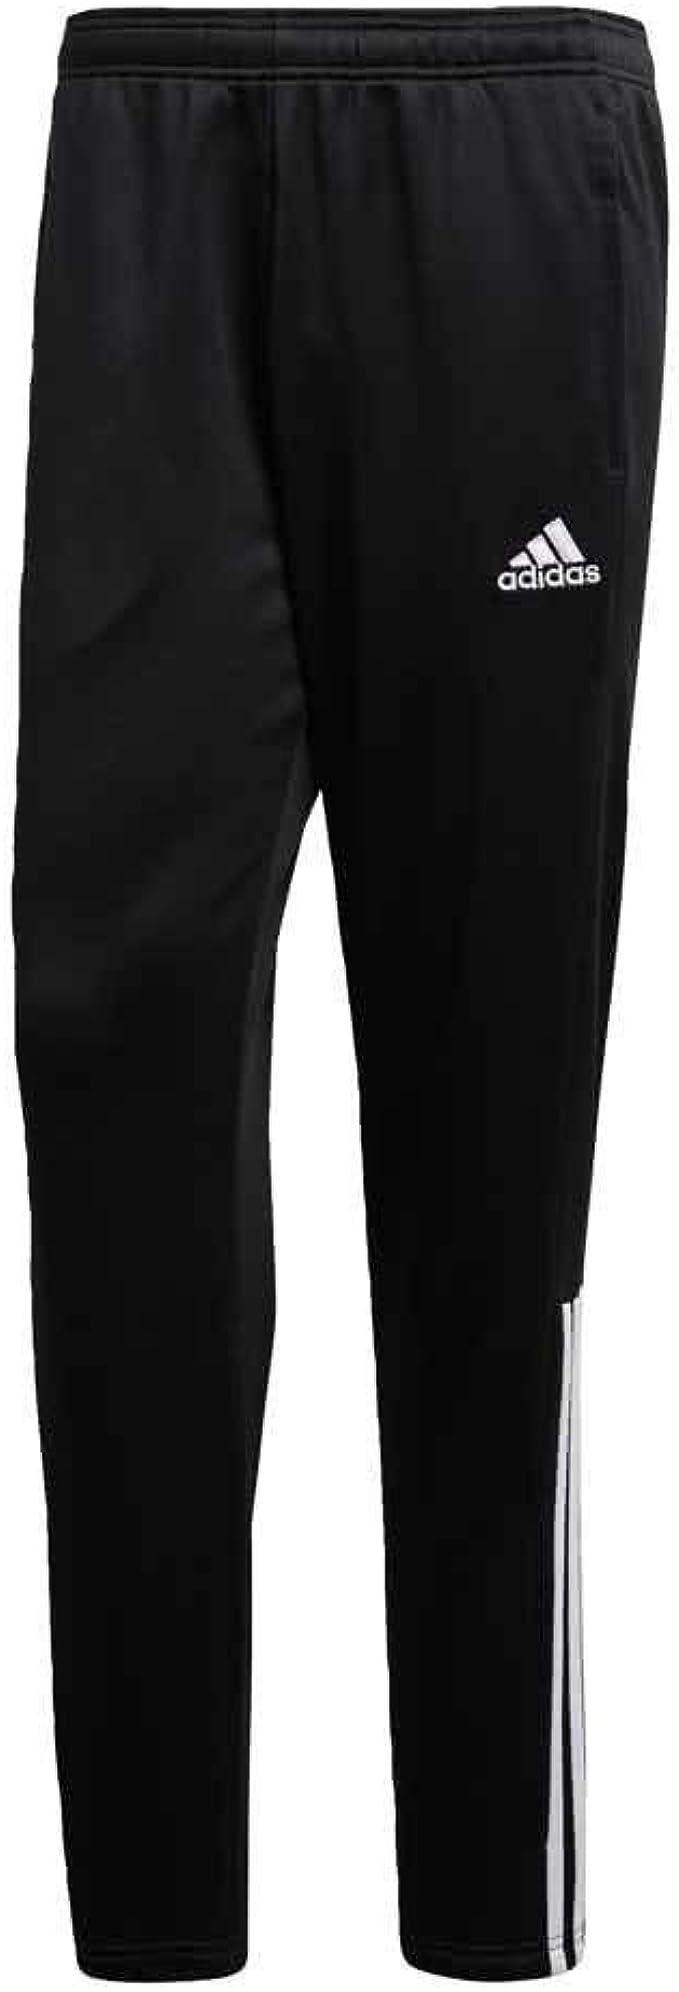 adidas Regi18 TR - Pantalón, Hombre: Amazon.es: Ropa y accesorios